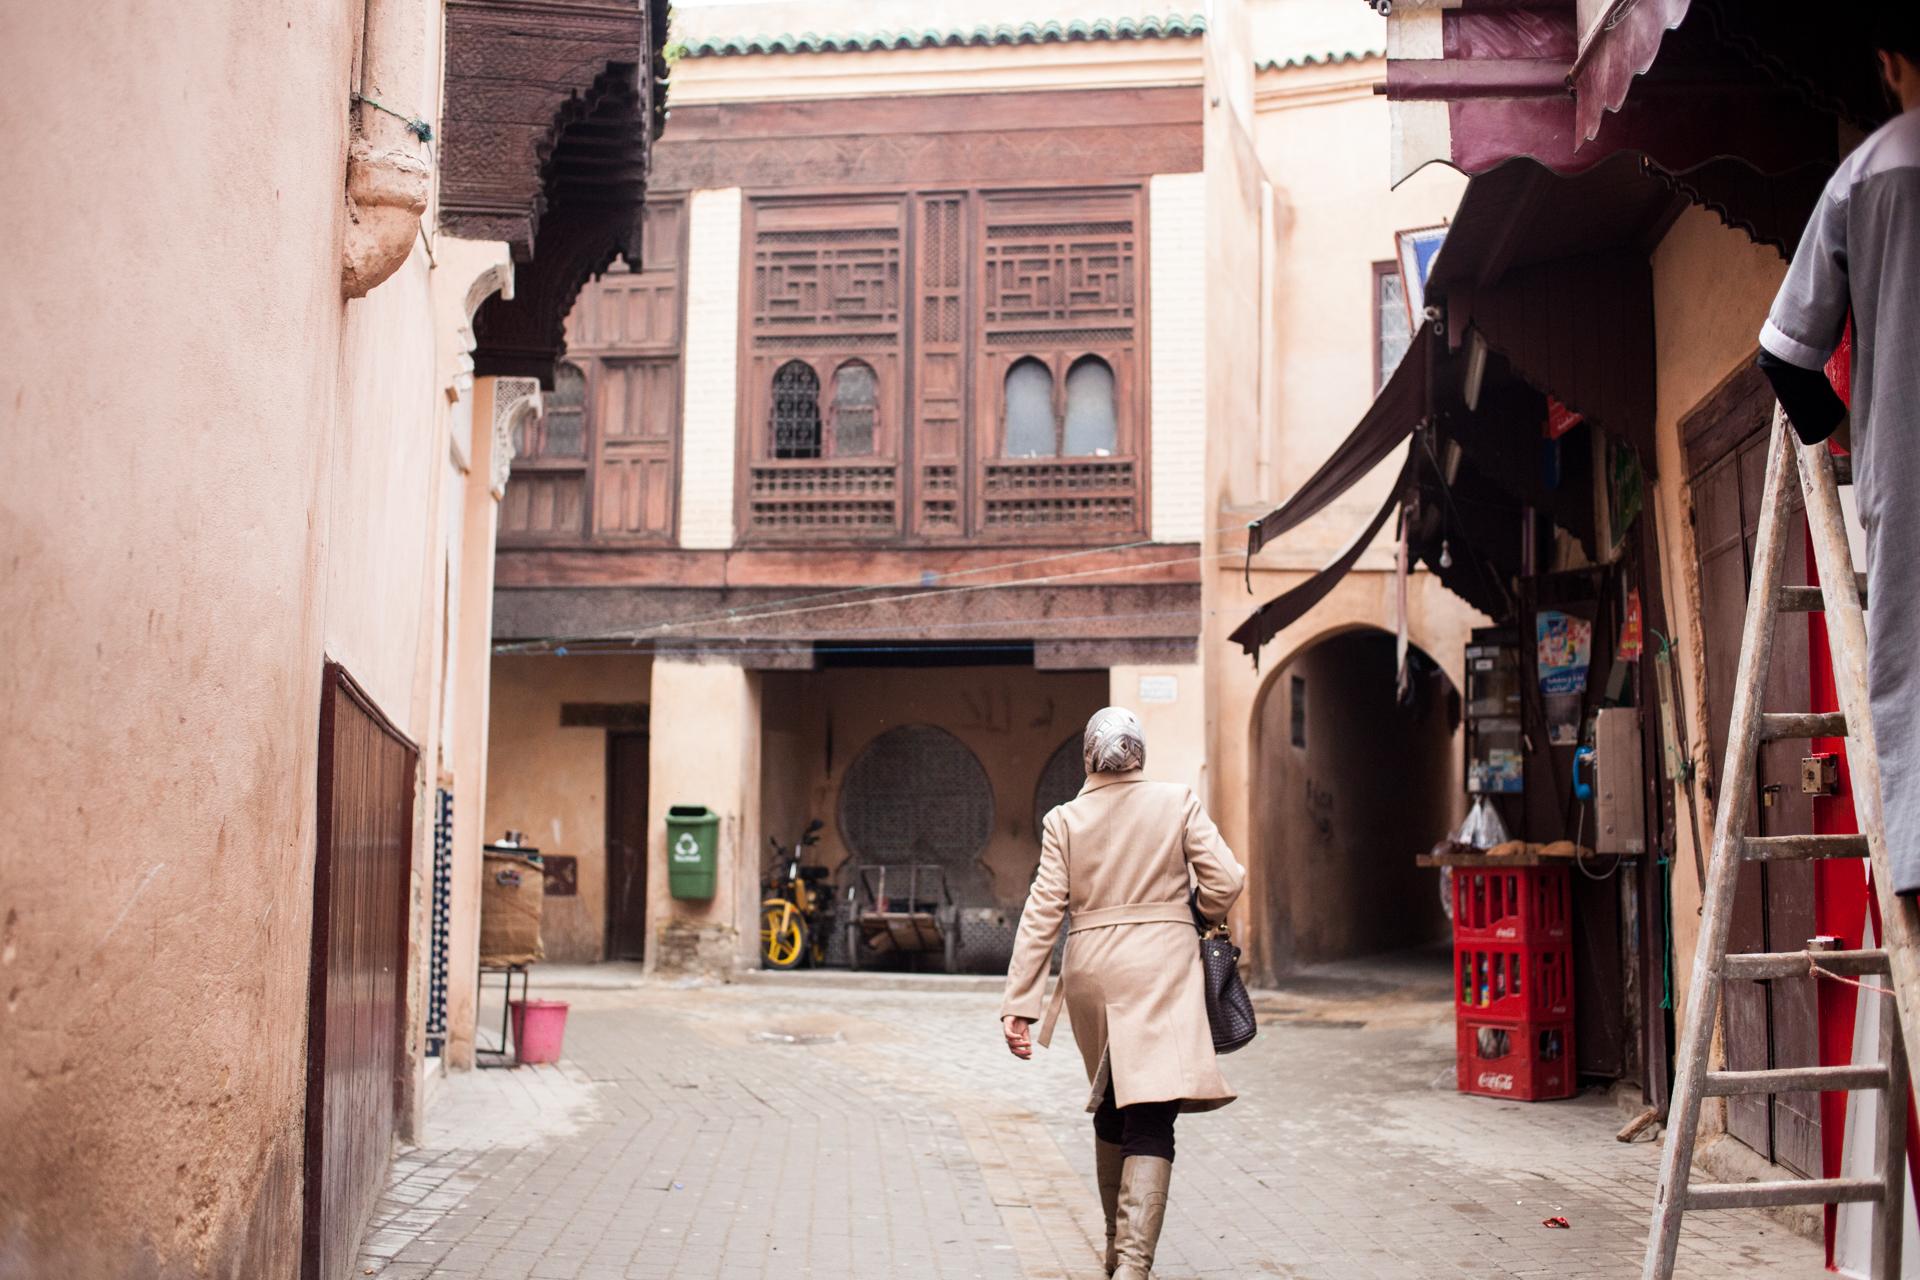 Morocco_Apr15__by_kingmouf-48